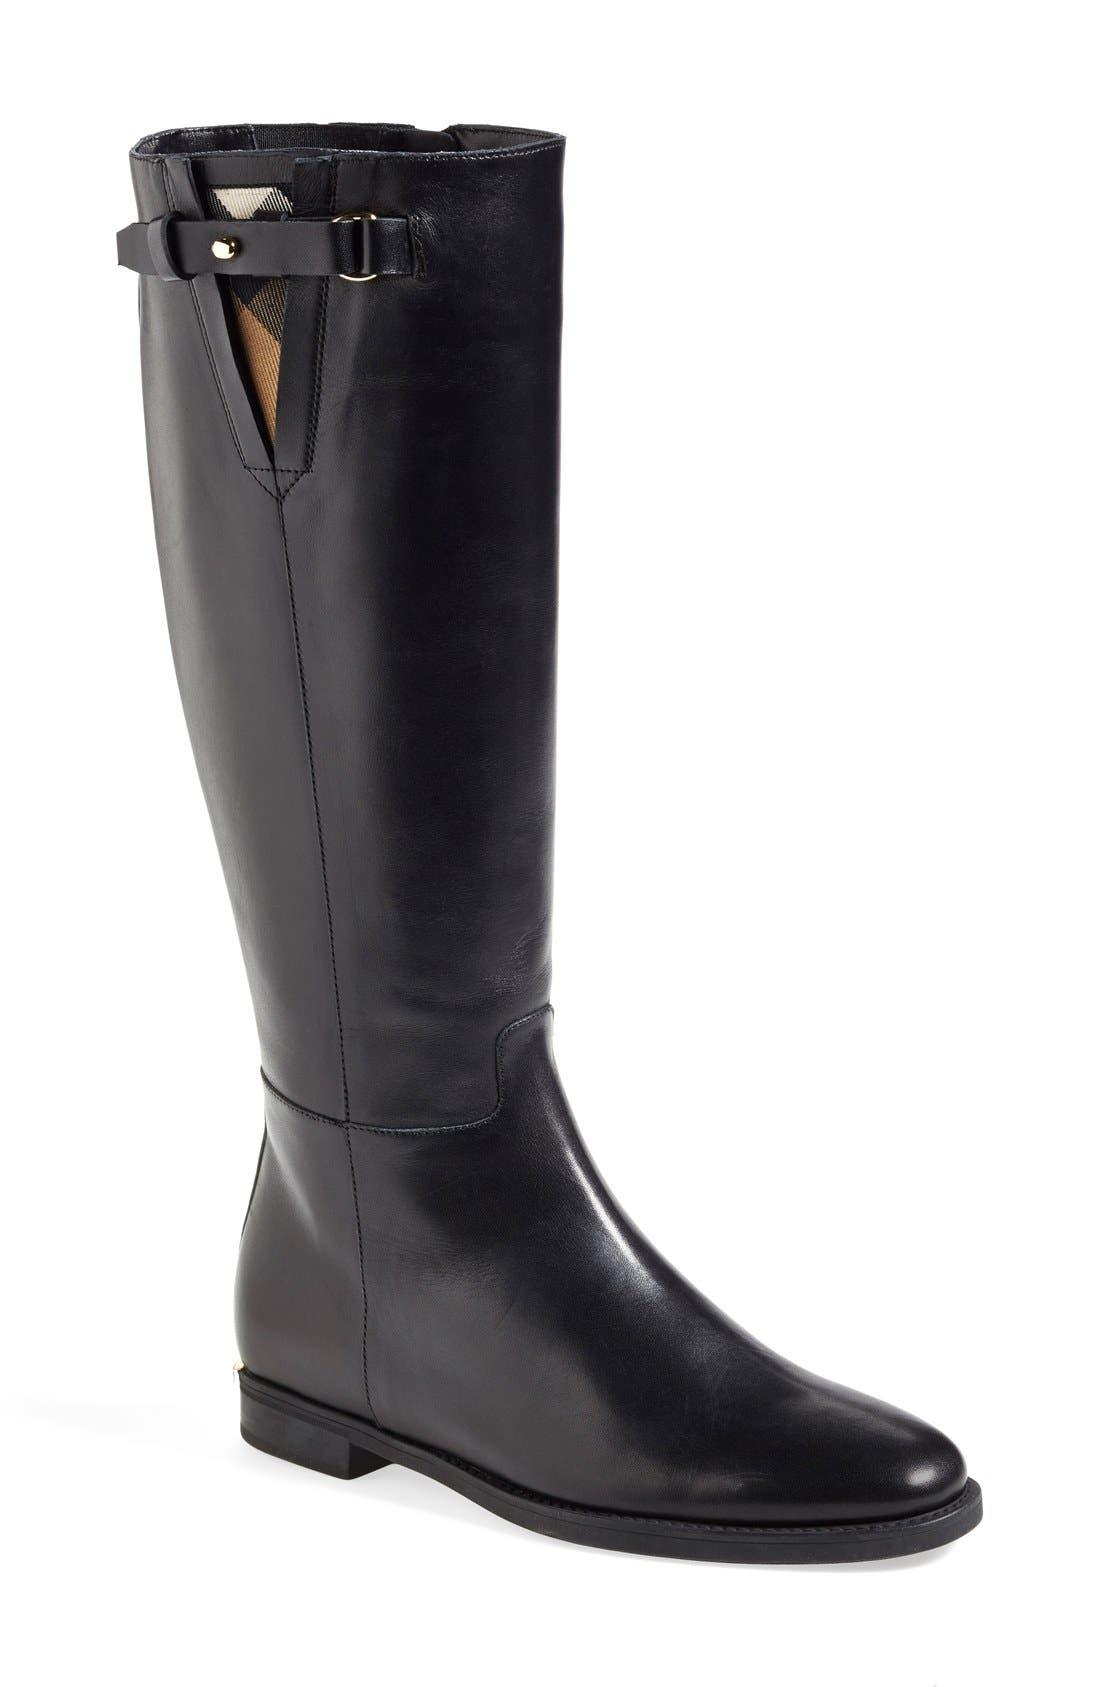 Alternate Image 1 Selected - Burberry 'Mapledene' Riding Boot (Women)